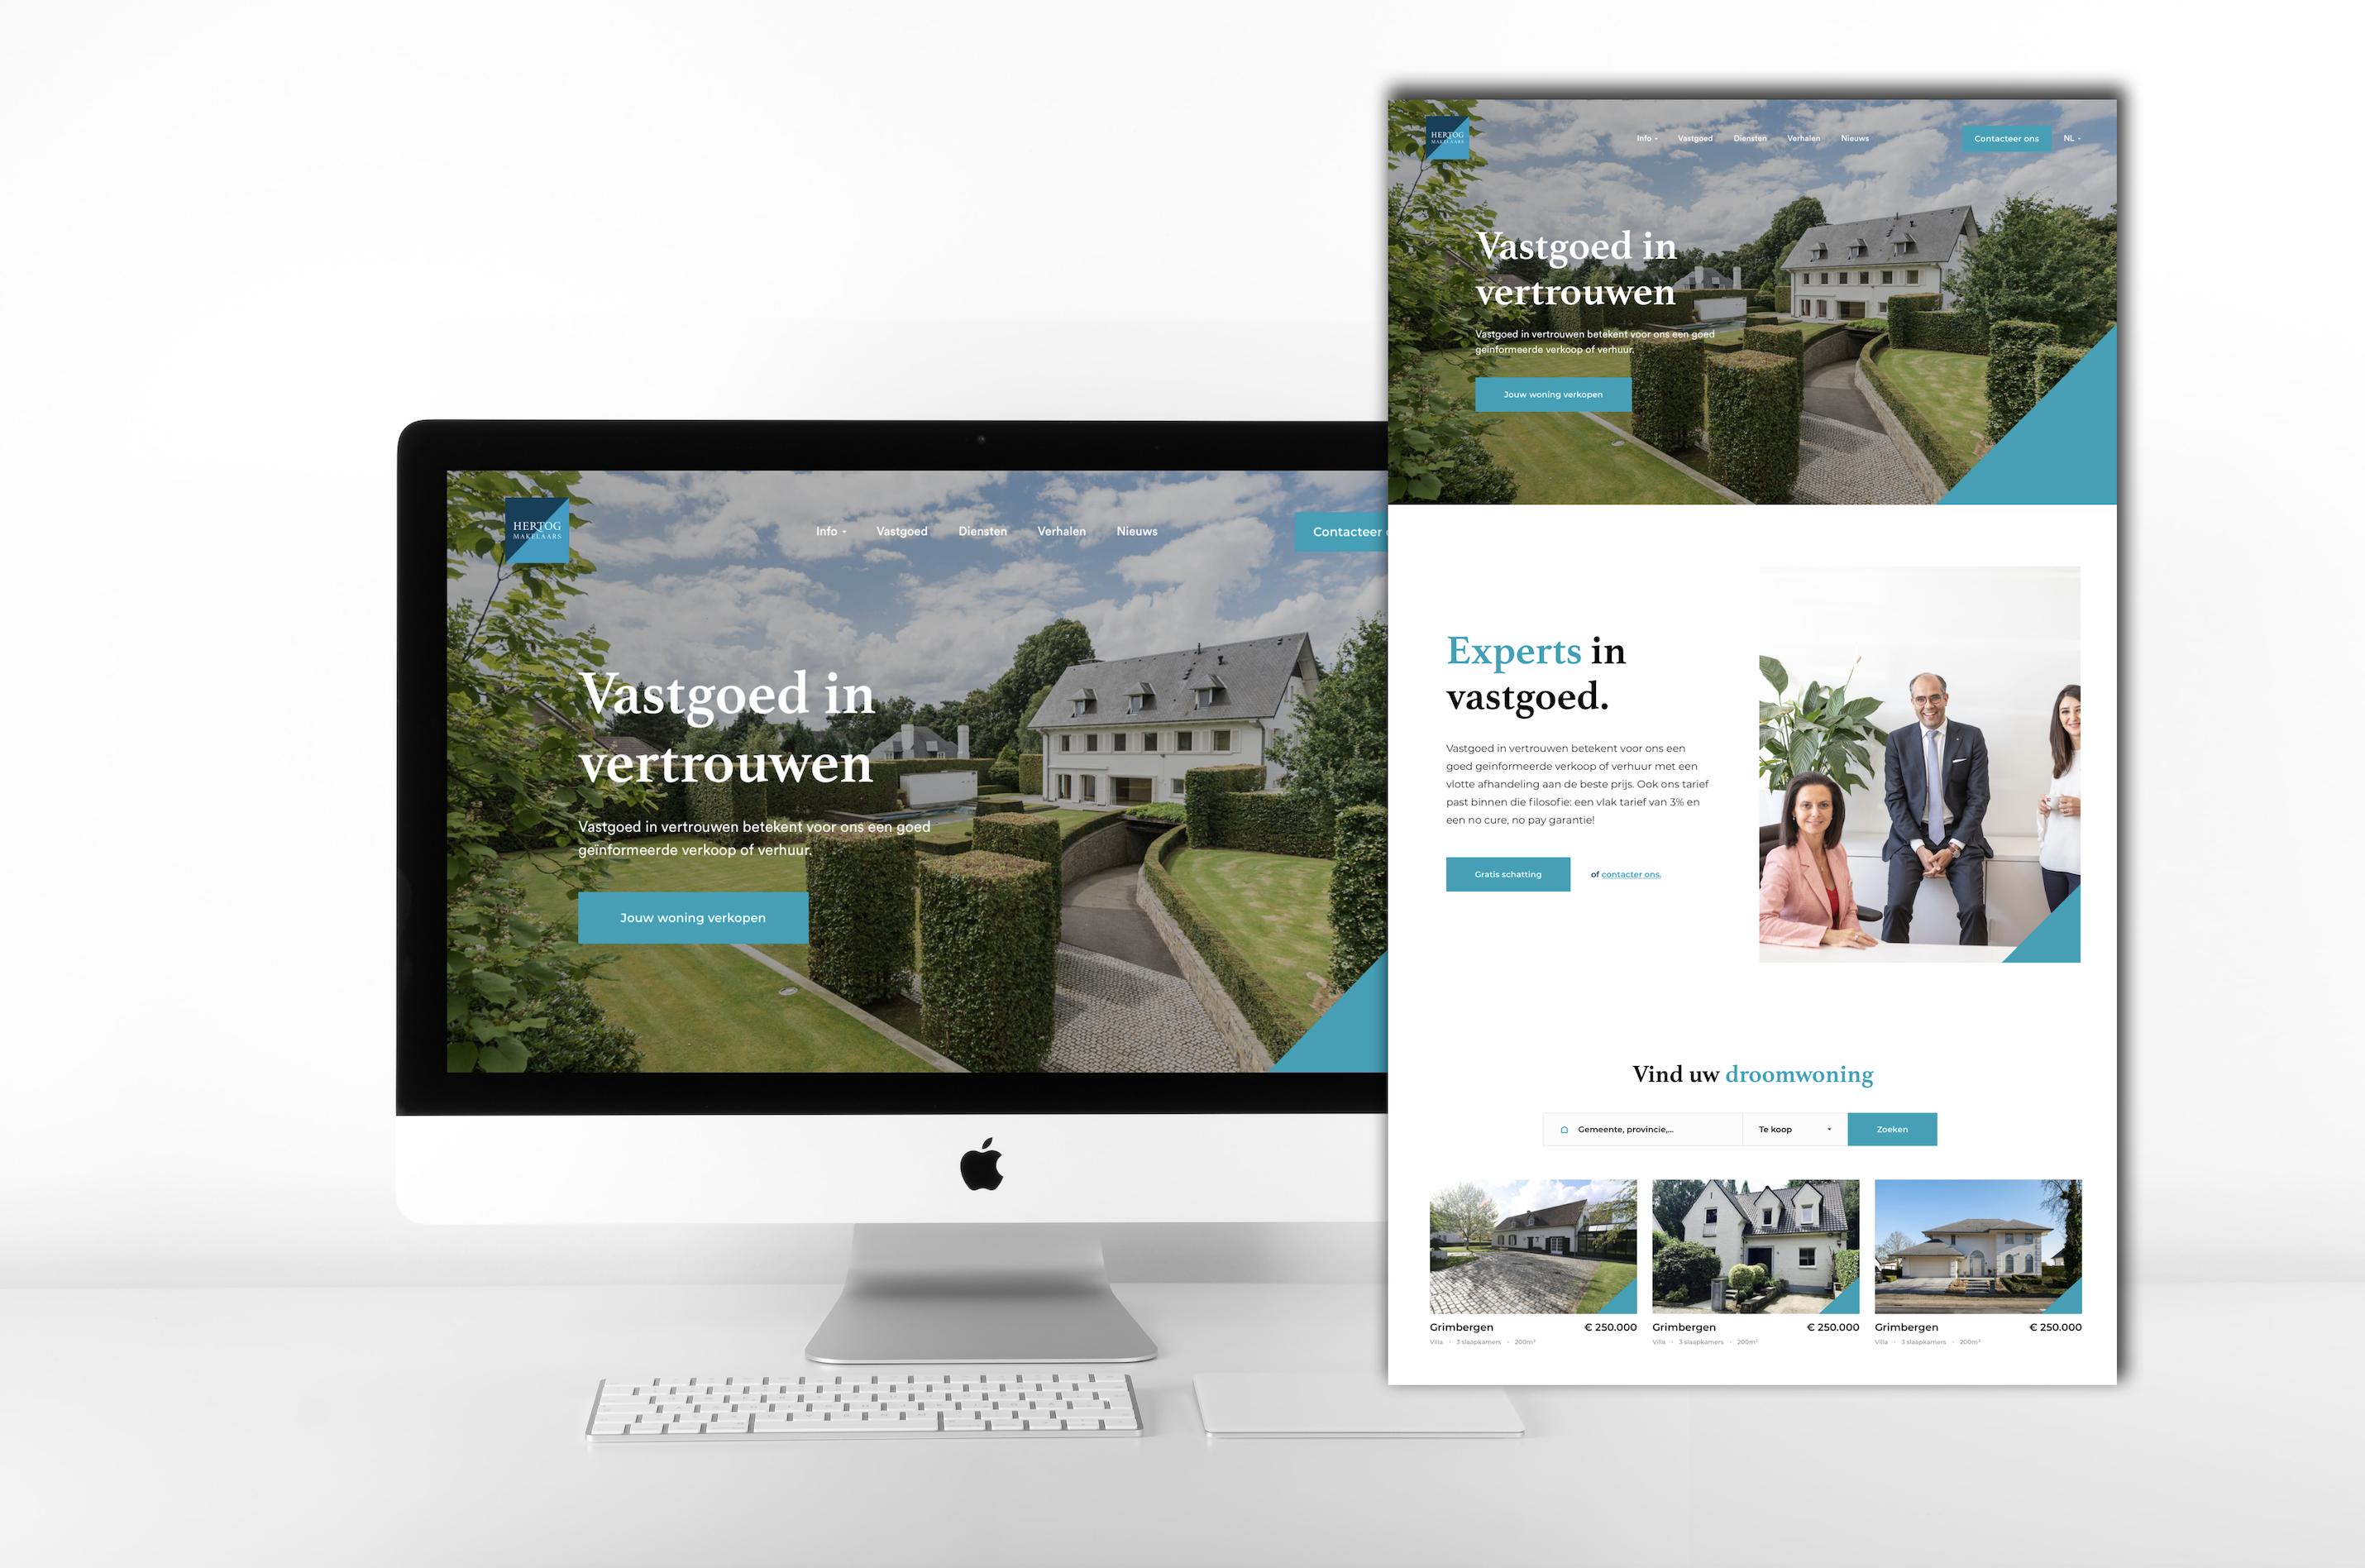 AMAI.IMMO Antwerpen lanceert Hertog Makelaars met een vernieuwend webdesign voor vastgoed.